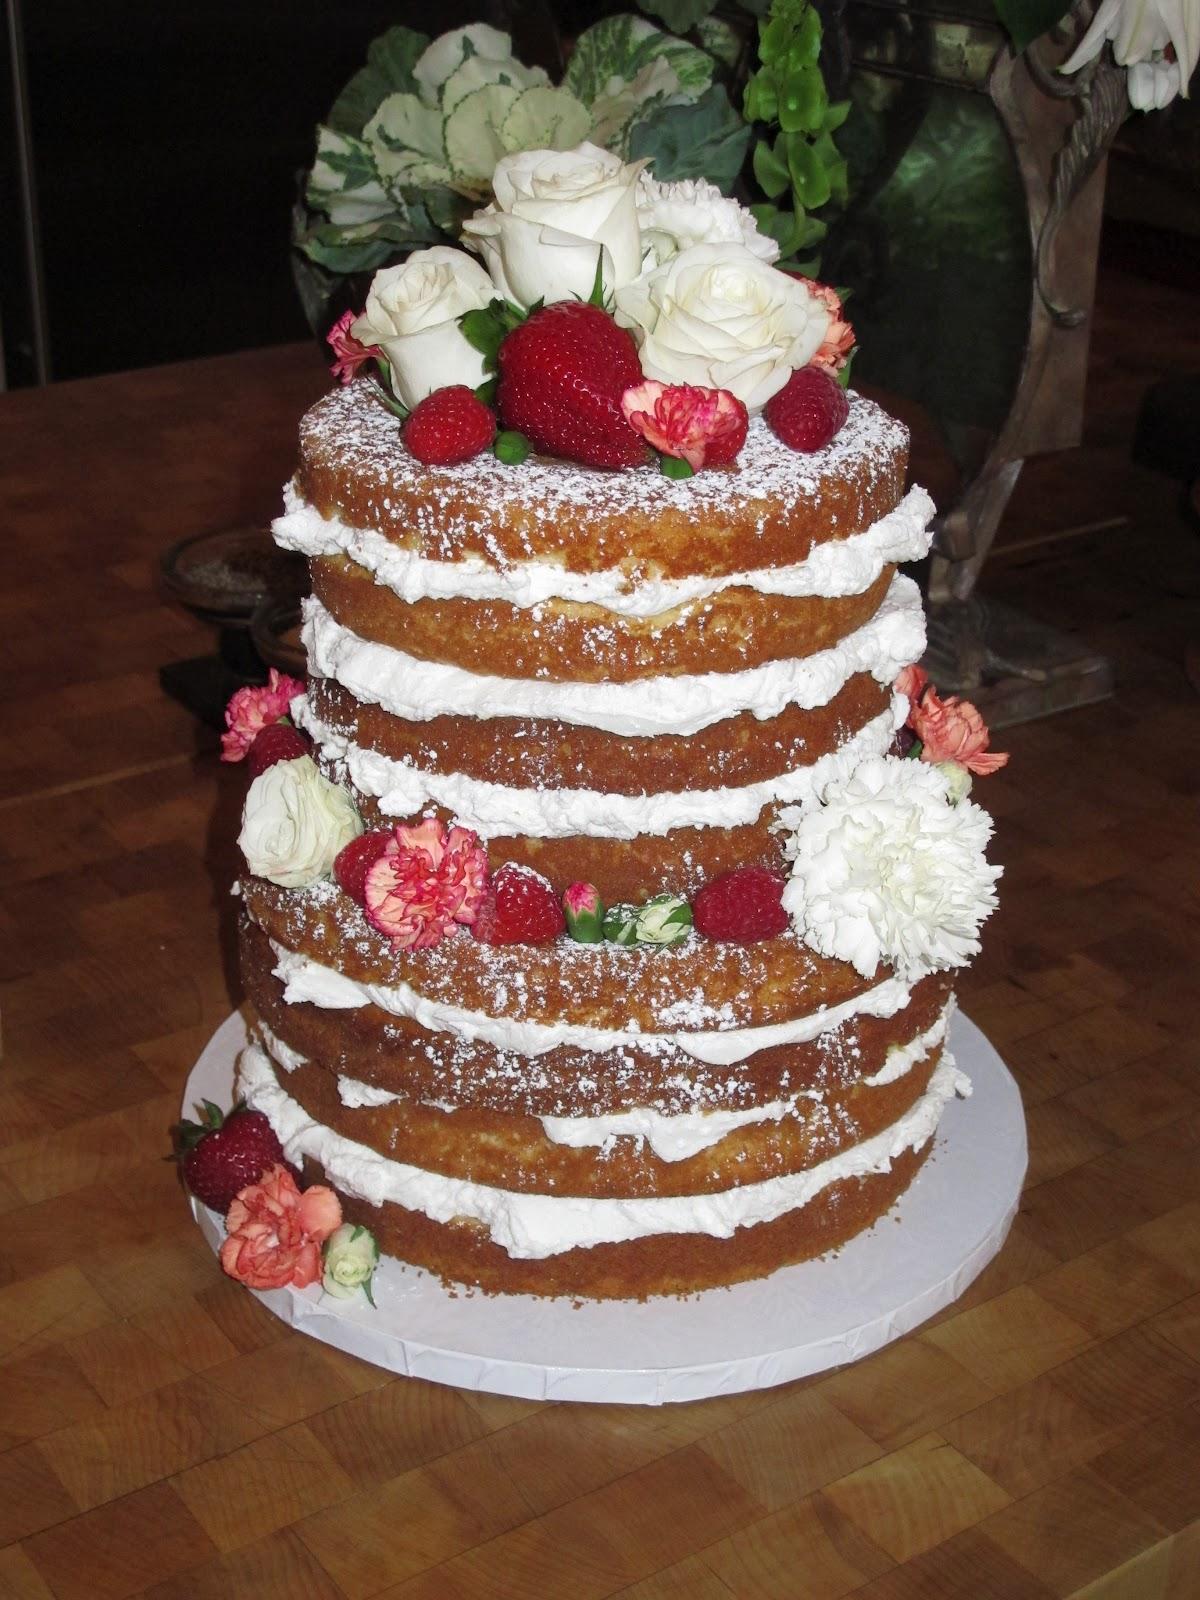 Chocolate Drip Naked Wedding Cake - coucoucake - cake and